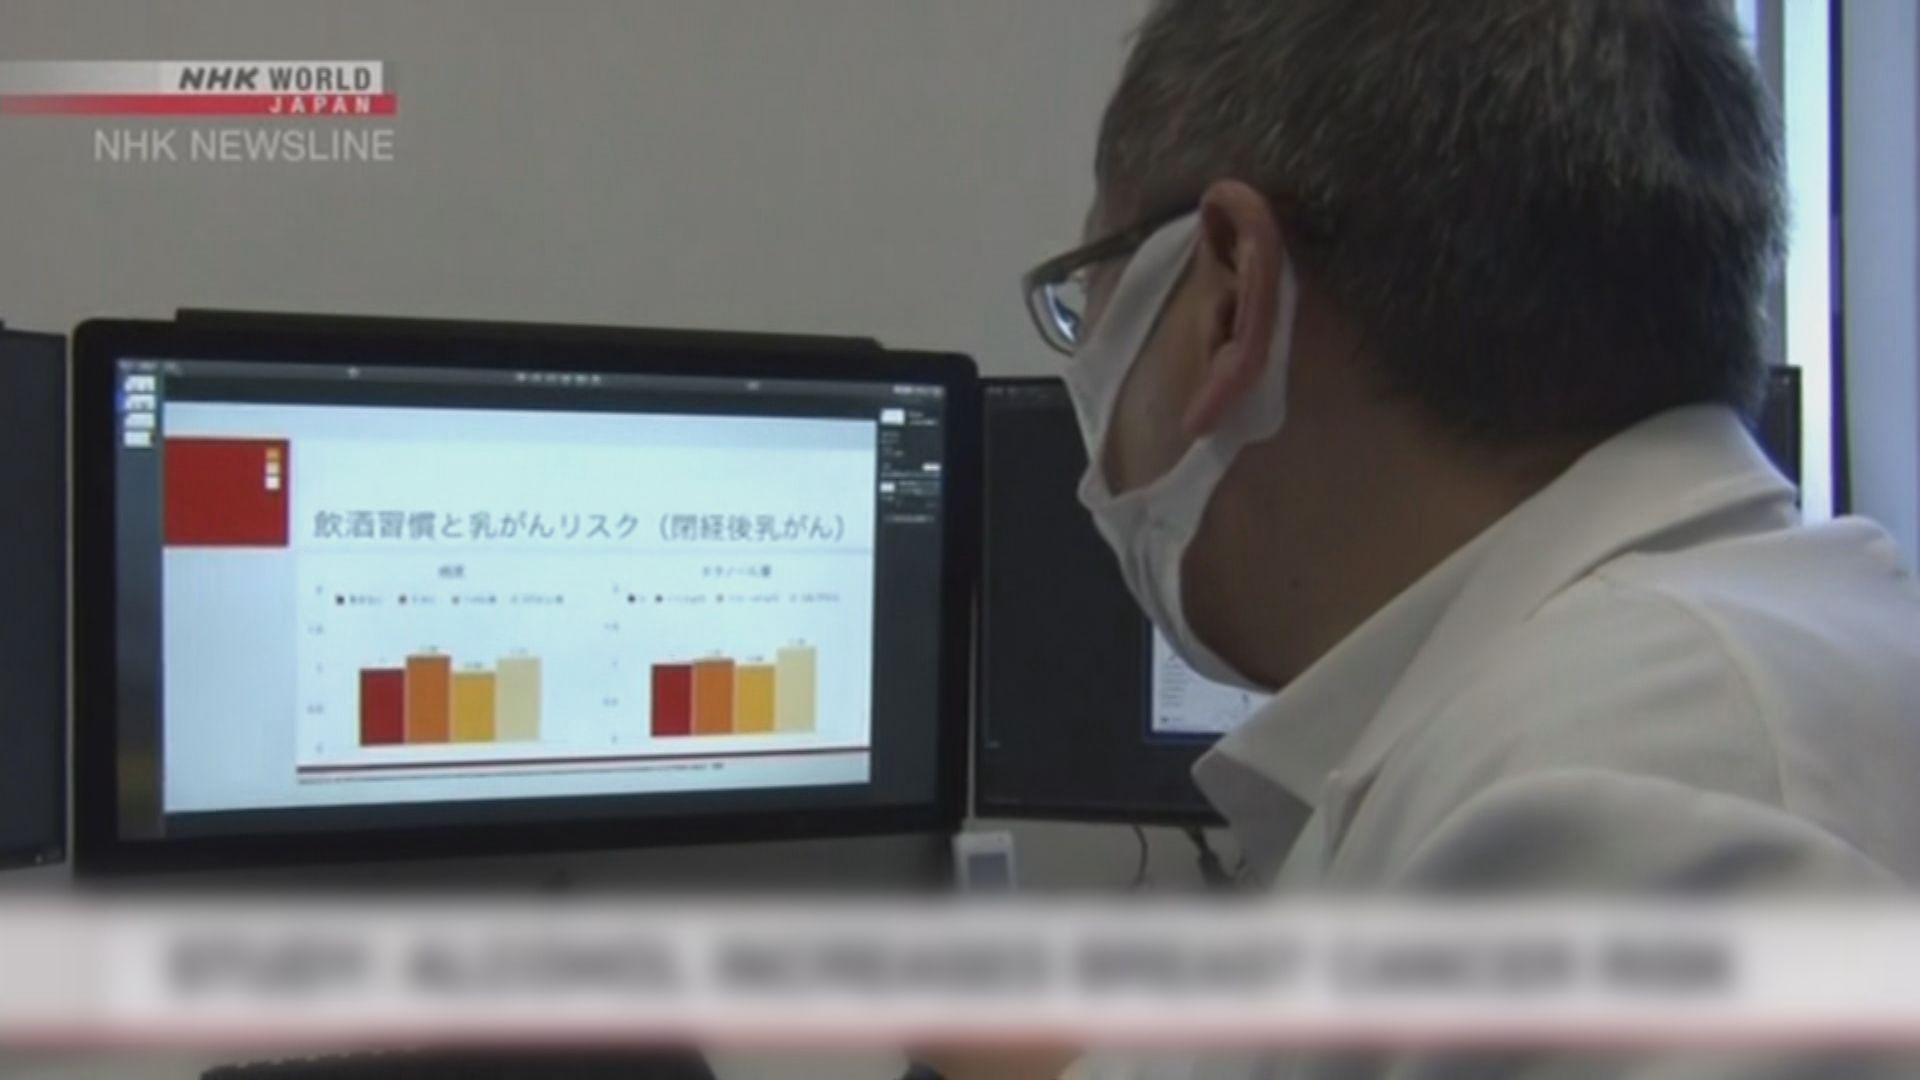 【即日焦點】四巴士下月起加價至少8.5% 市民不滿指減外出意欲;日本研究指女性停經前飲酒增患乳癌風險